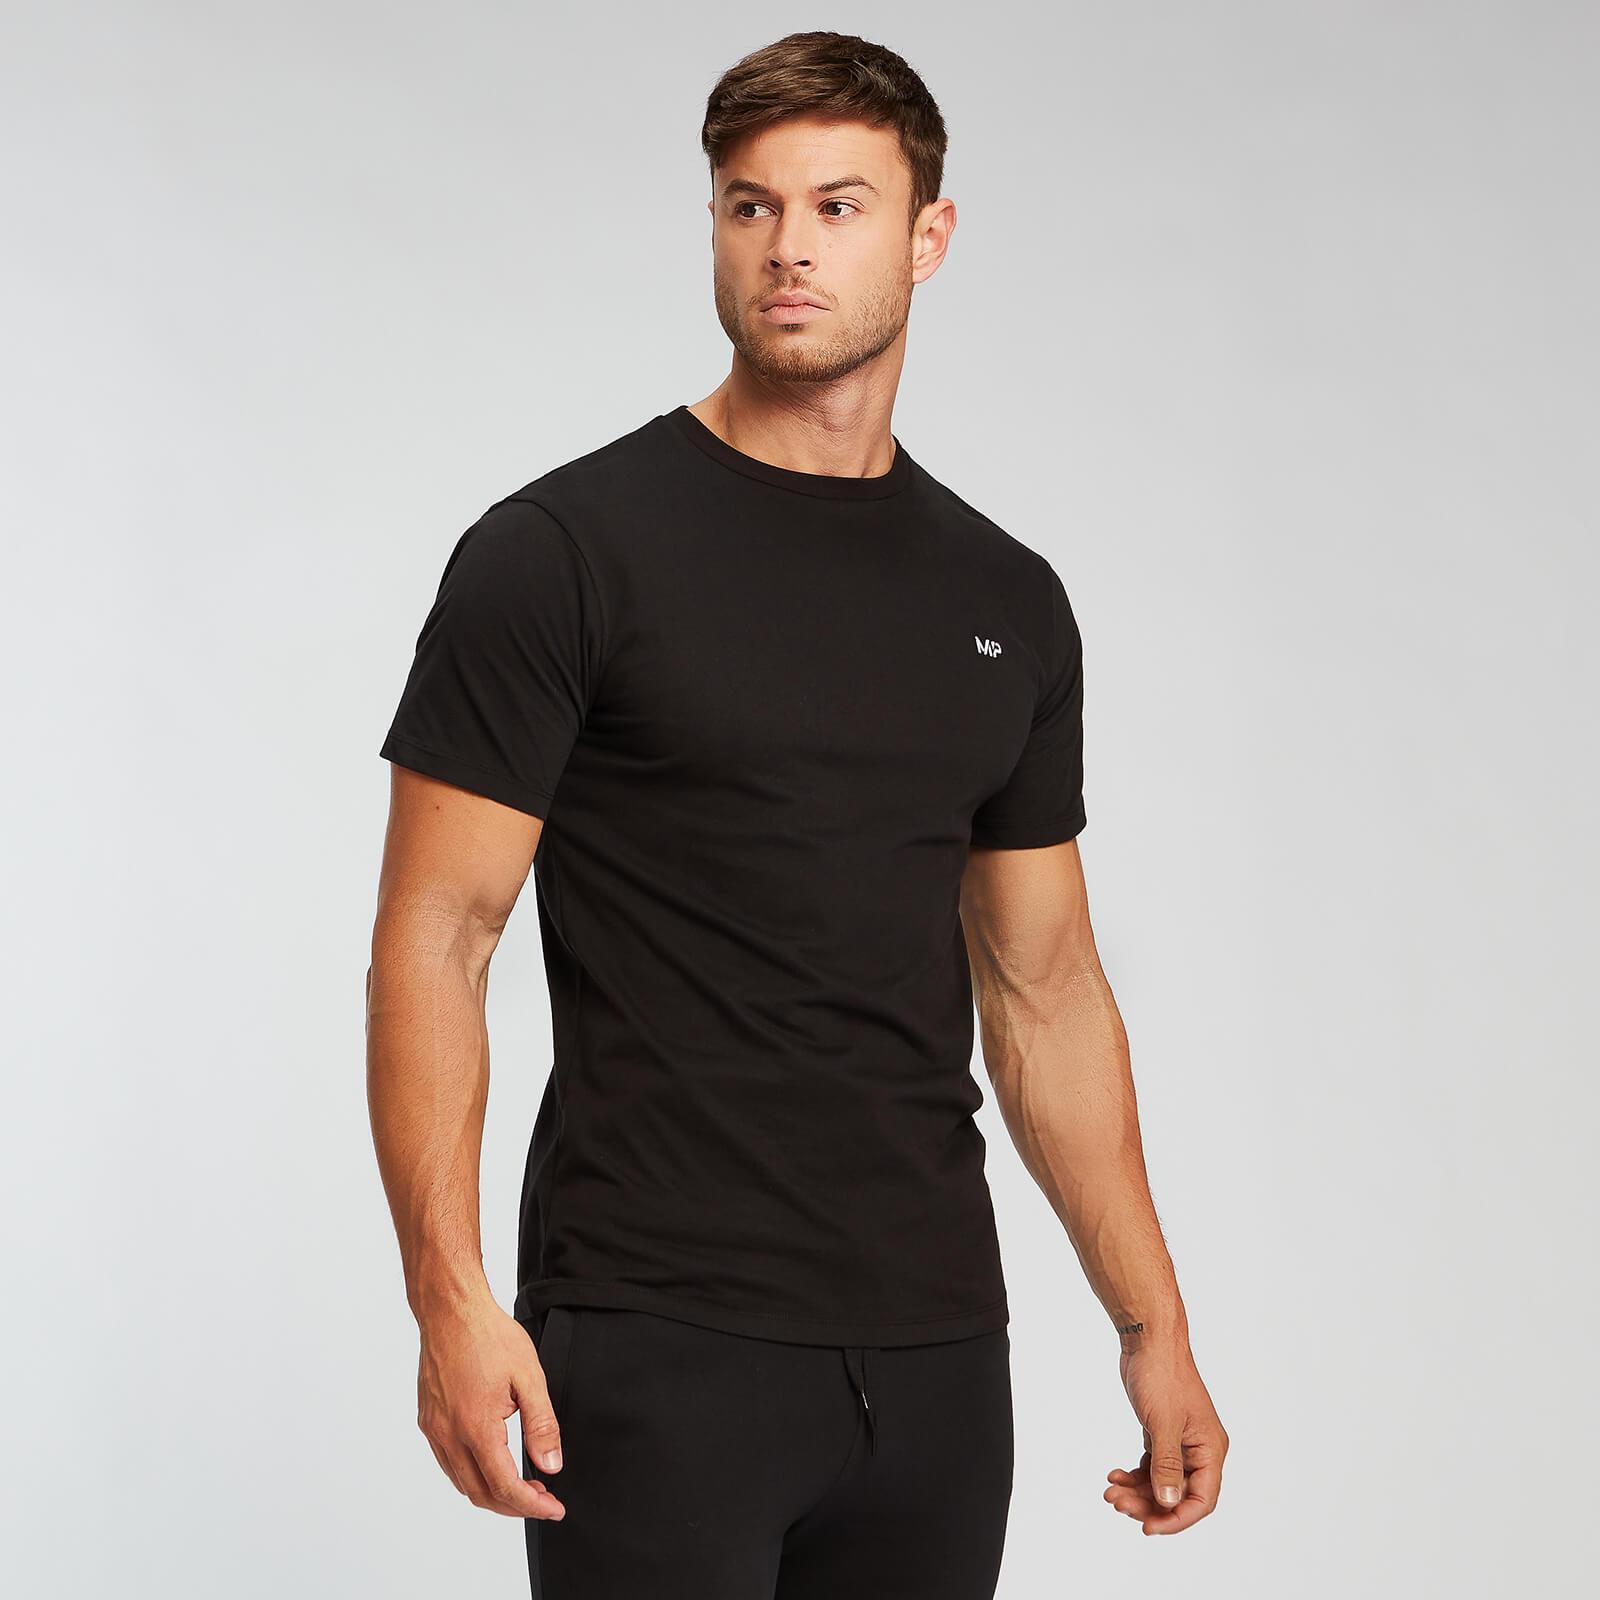 Myprotein MP Essentials T-Shirt - Sort - L